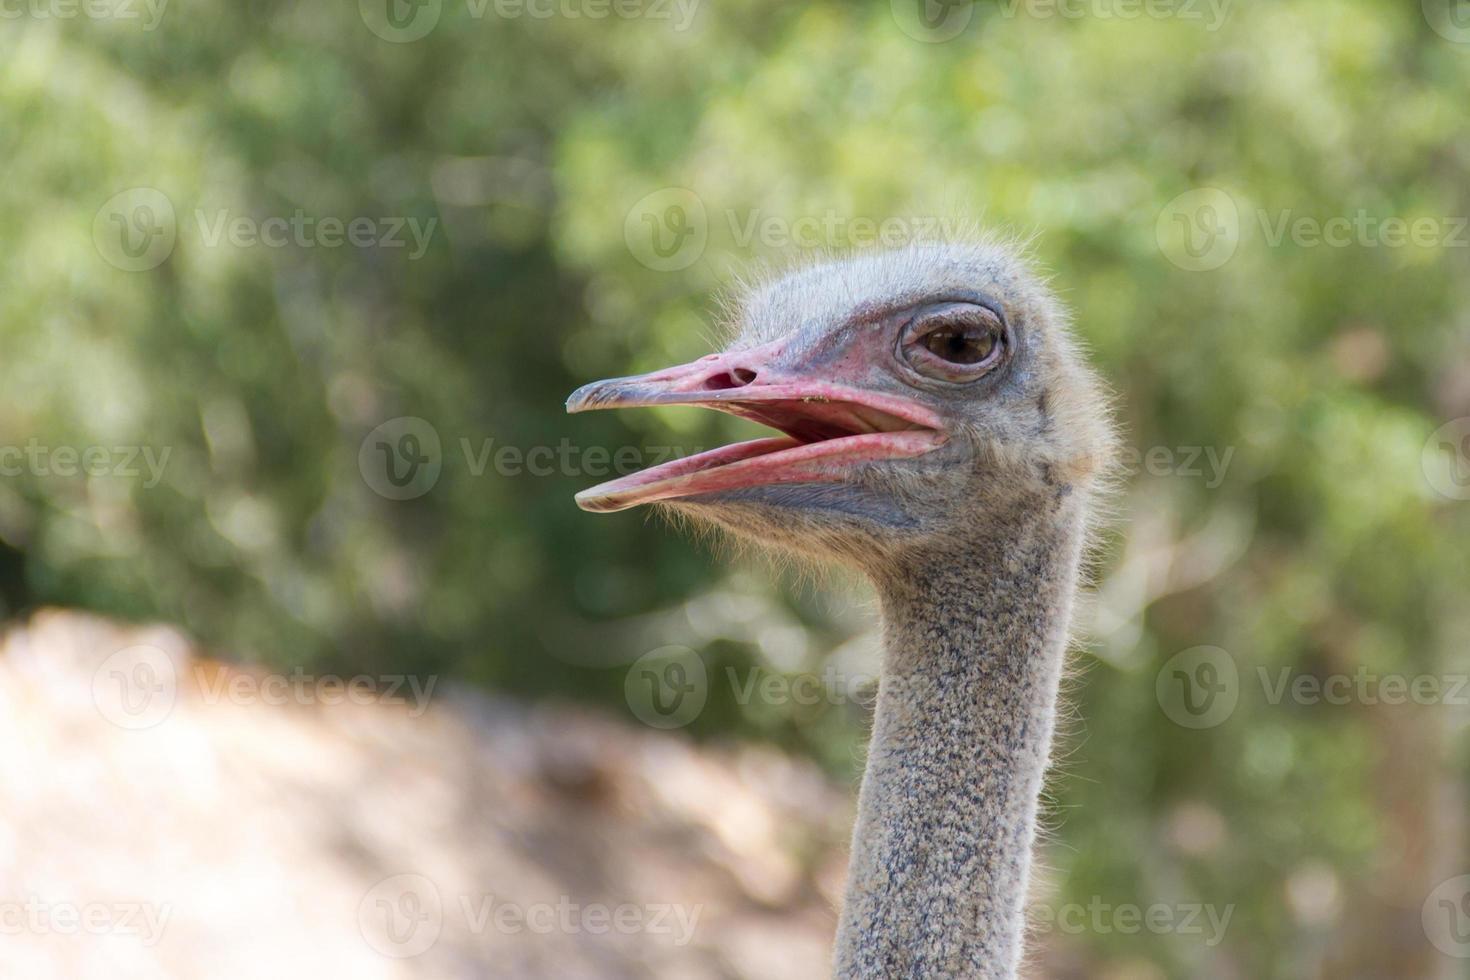 cabeça de avestruz no zoológico foto